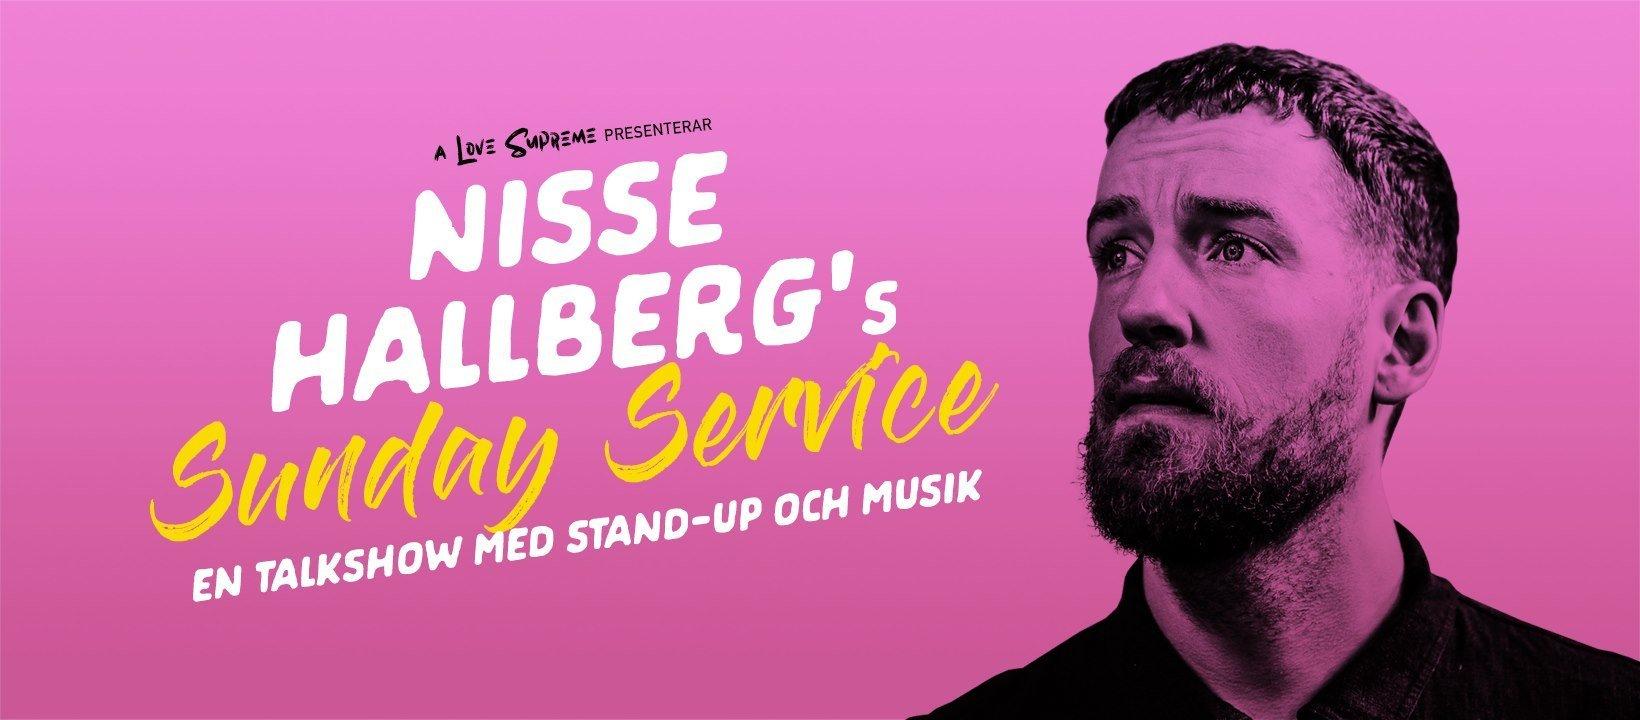 Nisse Hallberg's Sunday Service